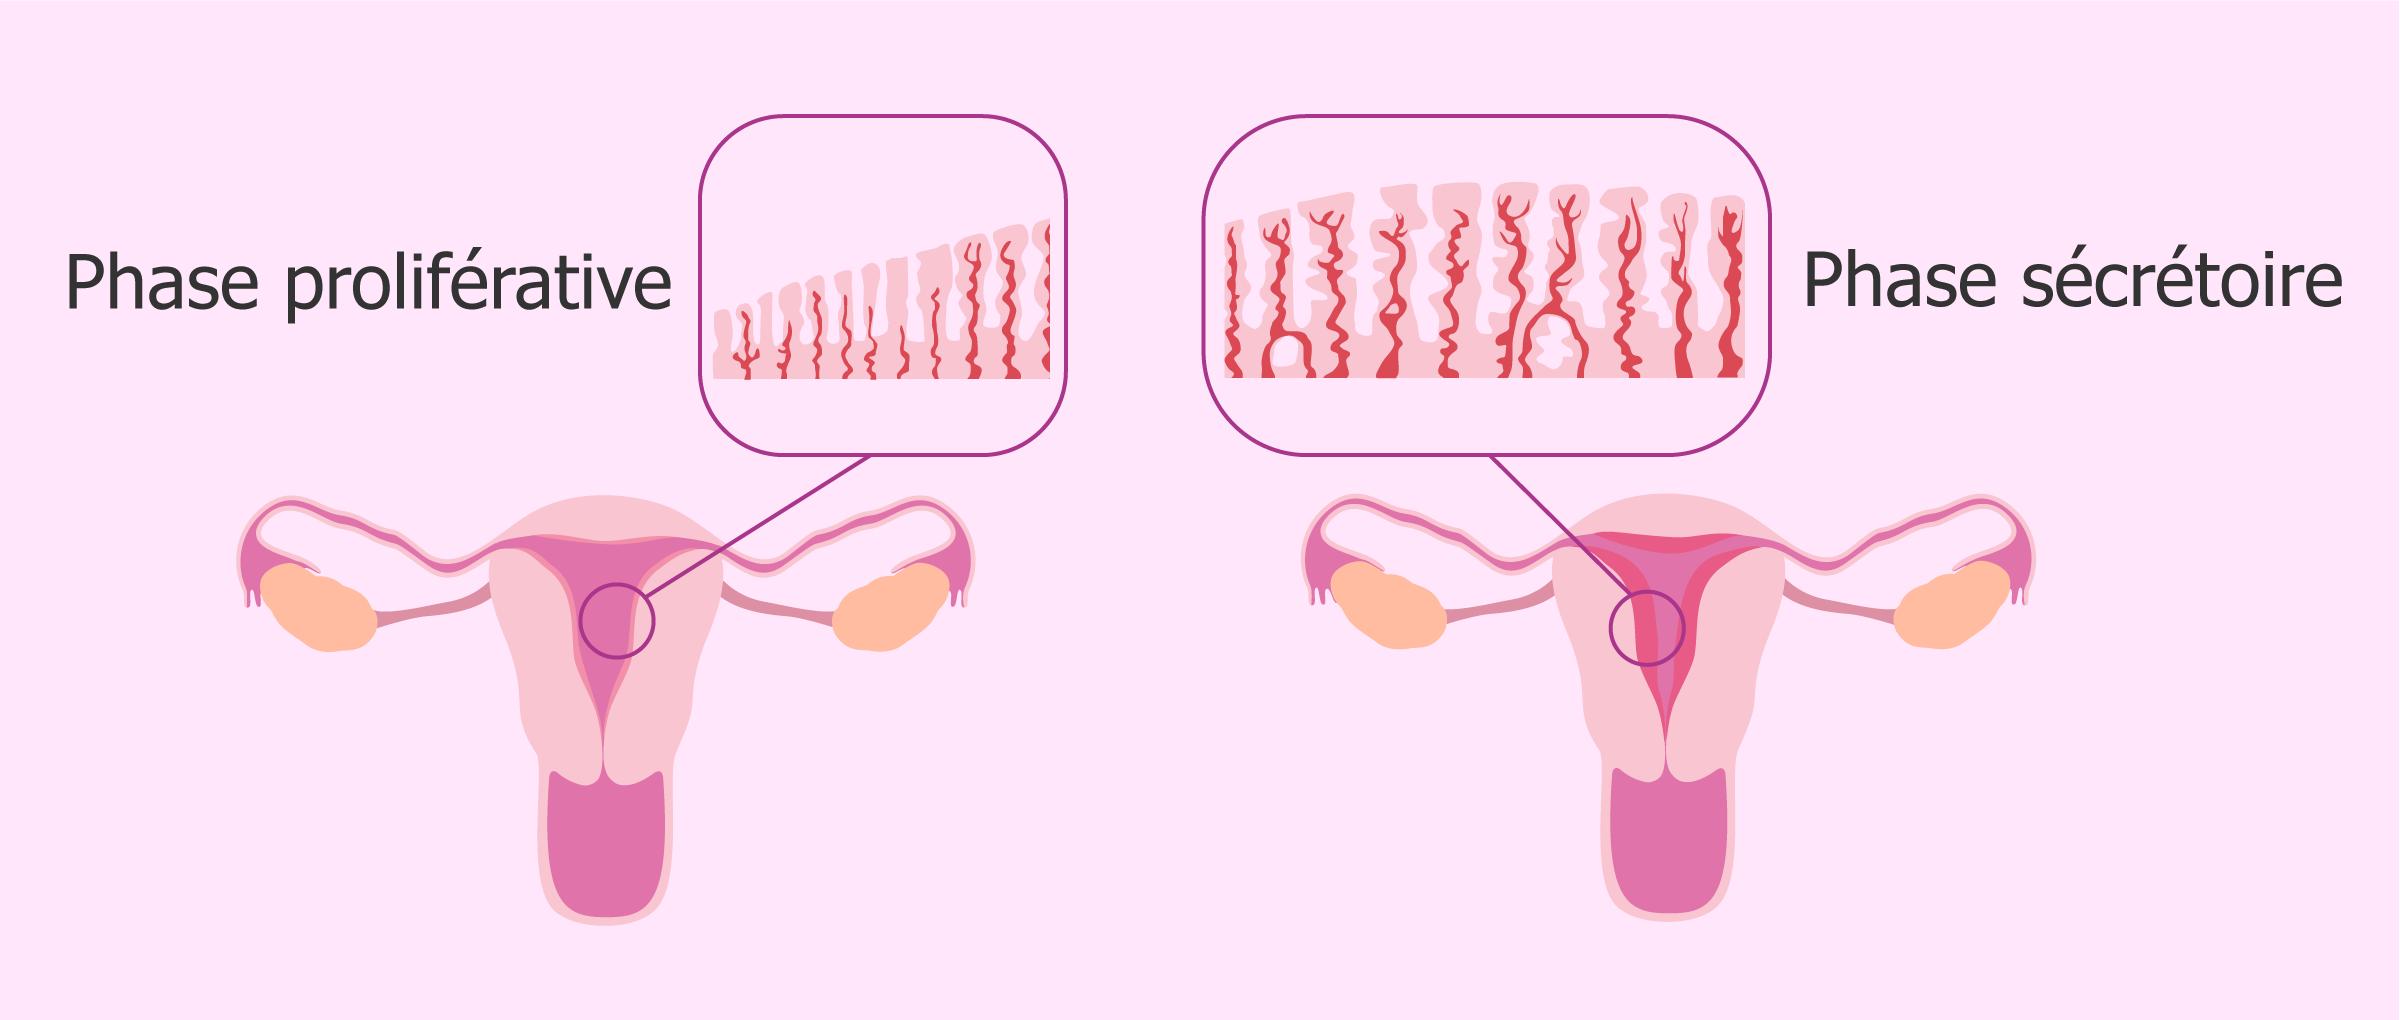 L'endomètre: définition et épaisseur au cours du cycle menstruel